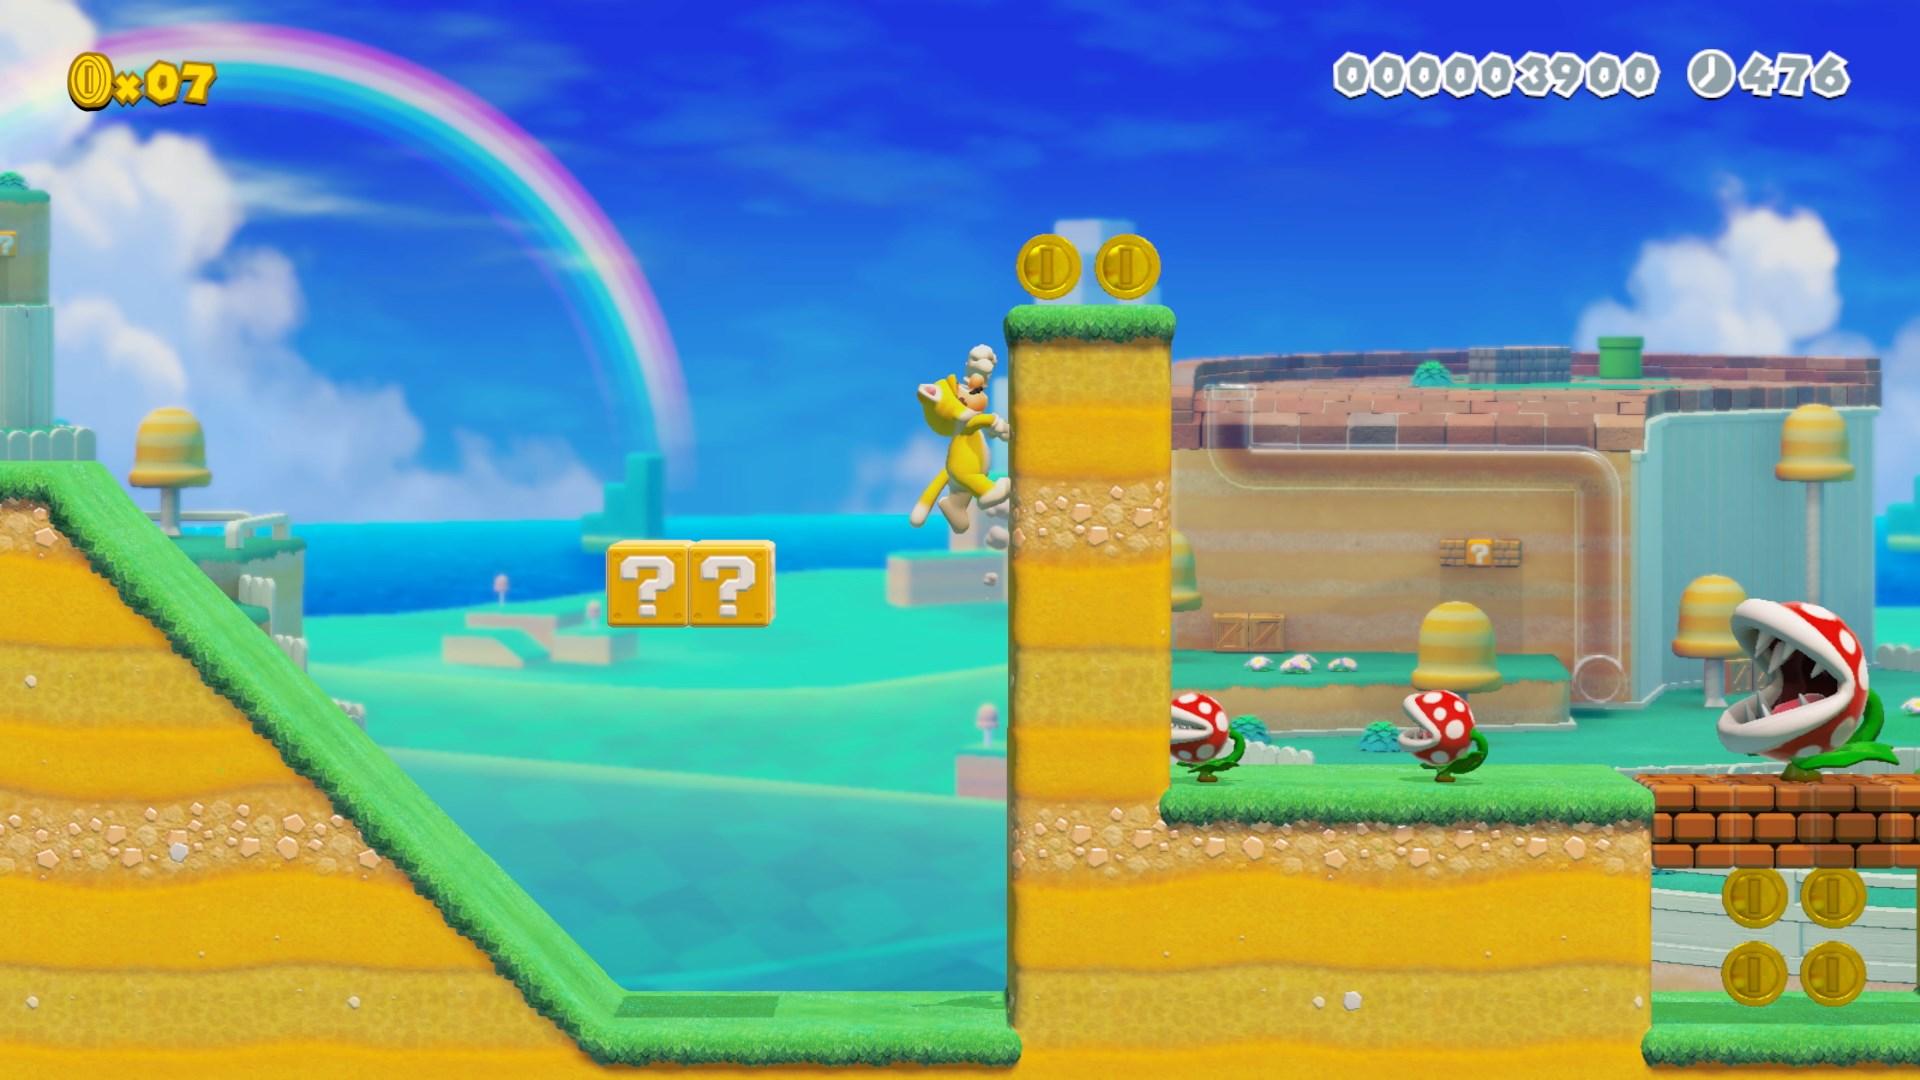 Review: Super Mario Maker 2